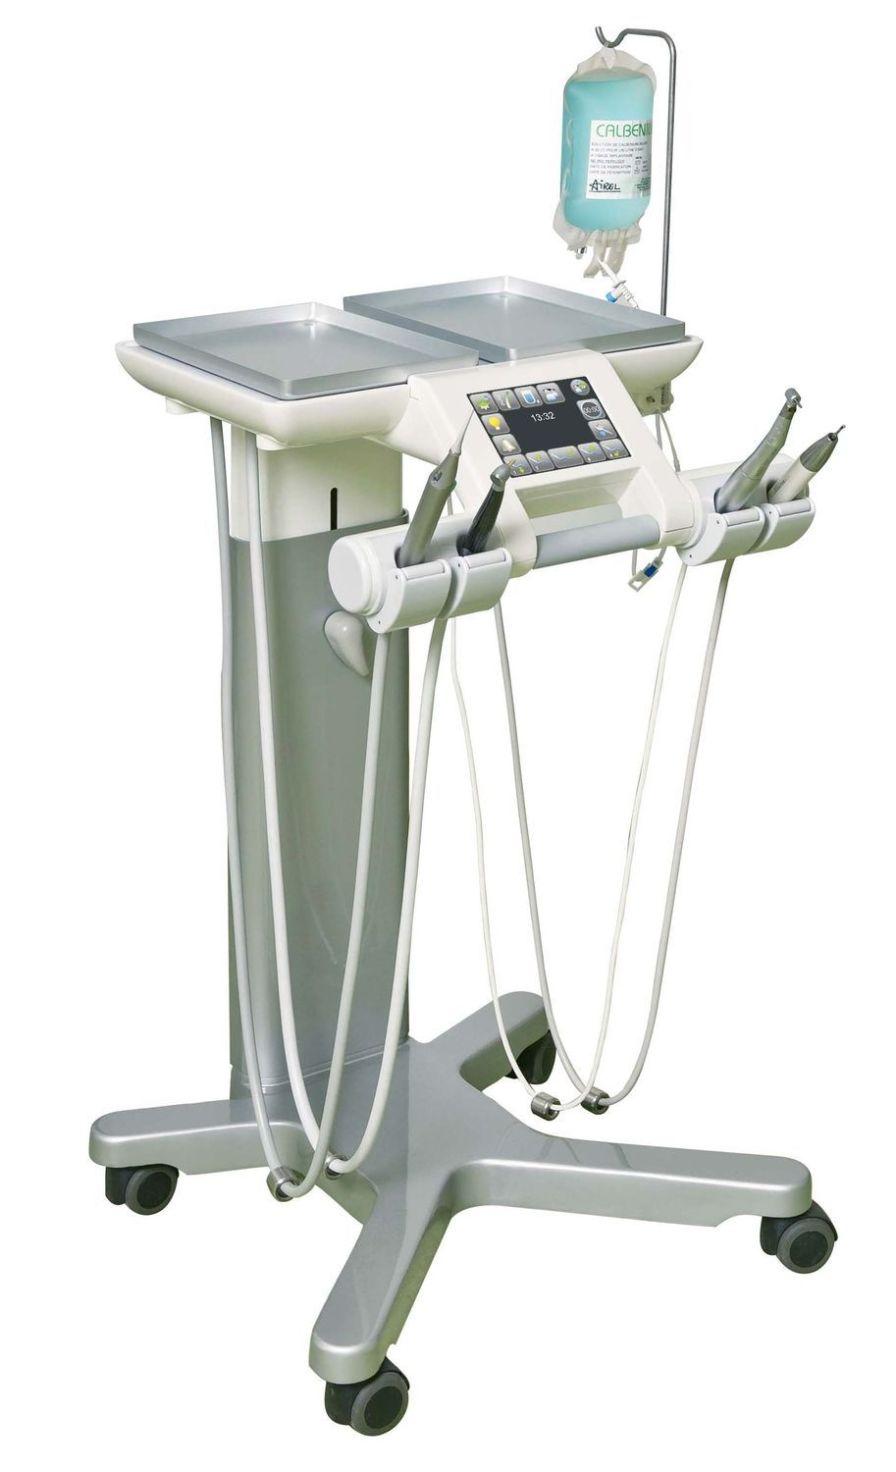 Dental treatment unit PACIFIC CART AIREL - QUETIN